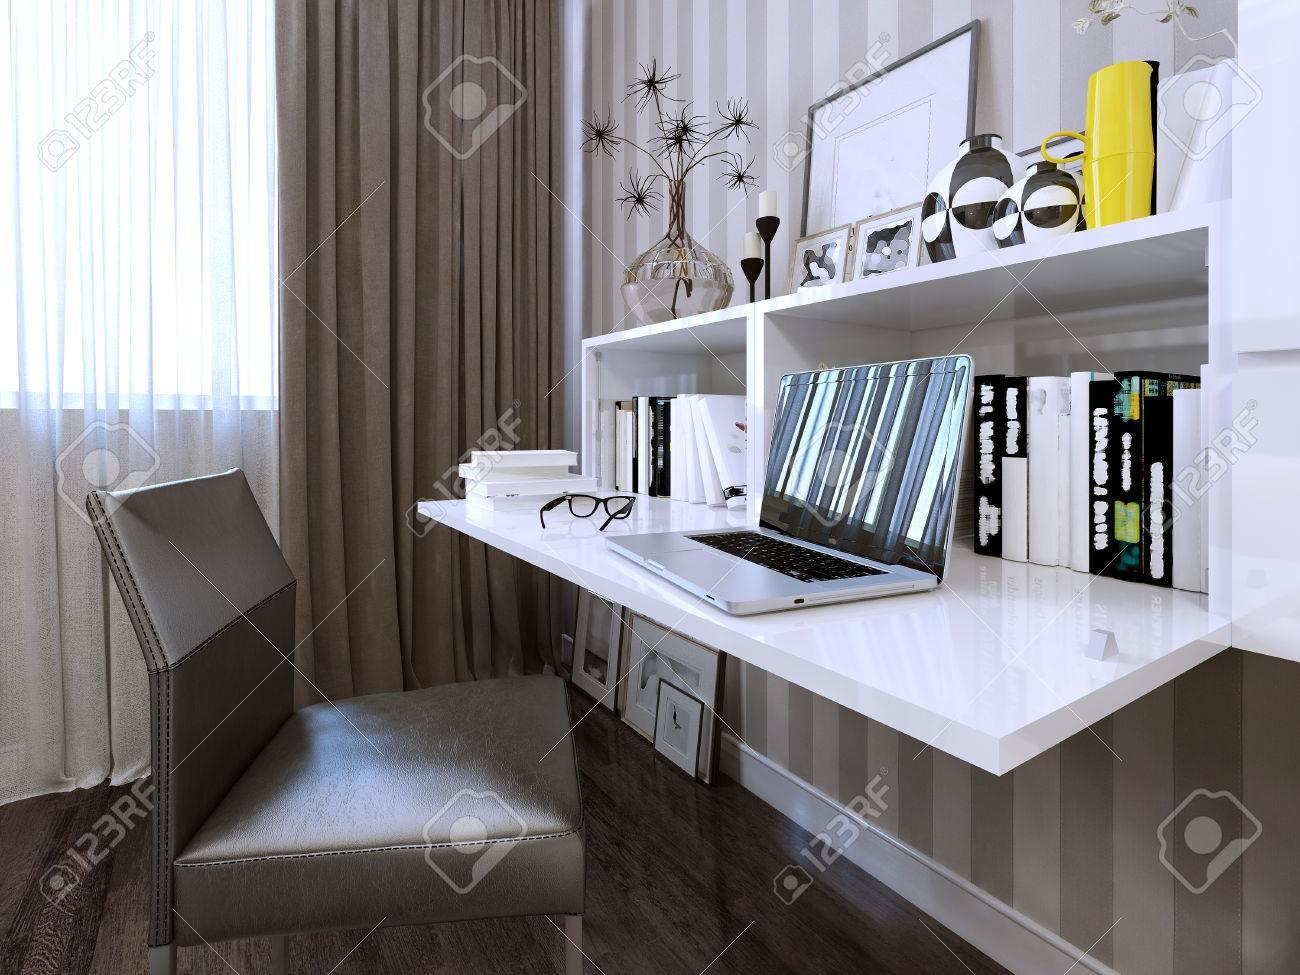 Schreibtisch Zeitgenössischen Stil. 3d Render Lizenzfreie Fotos ...